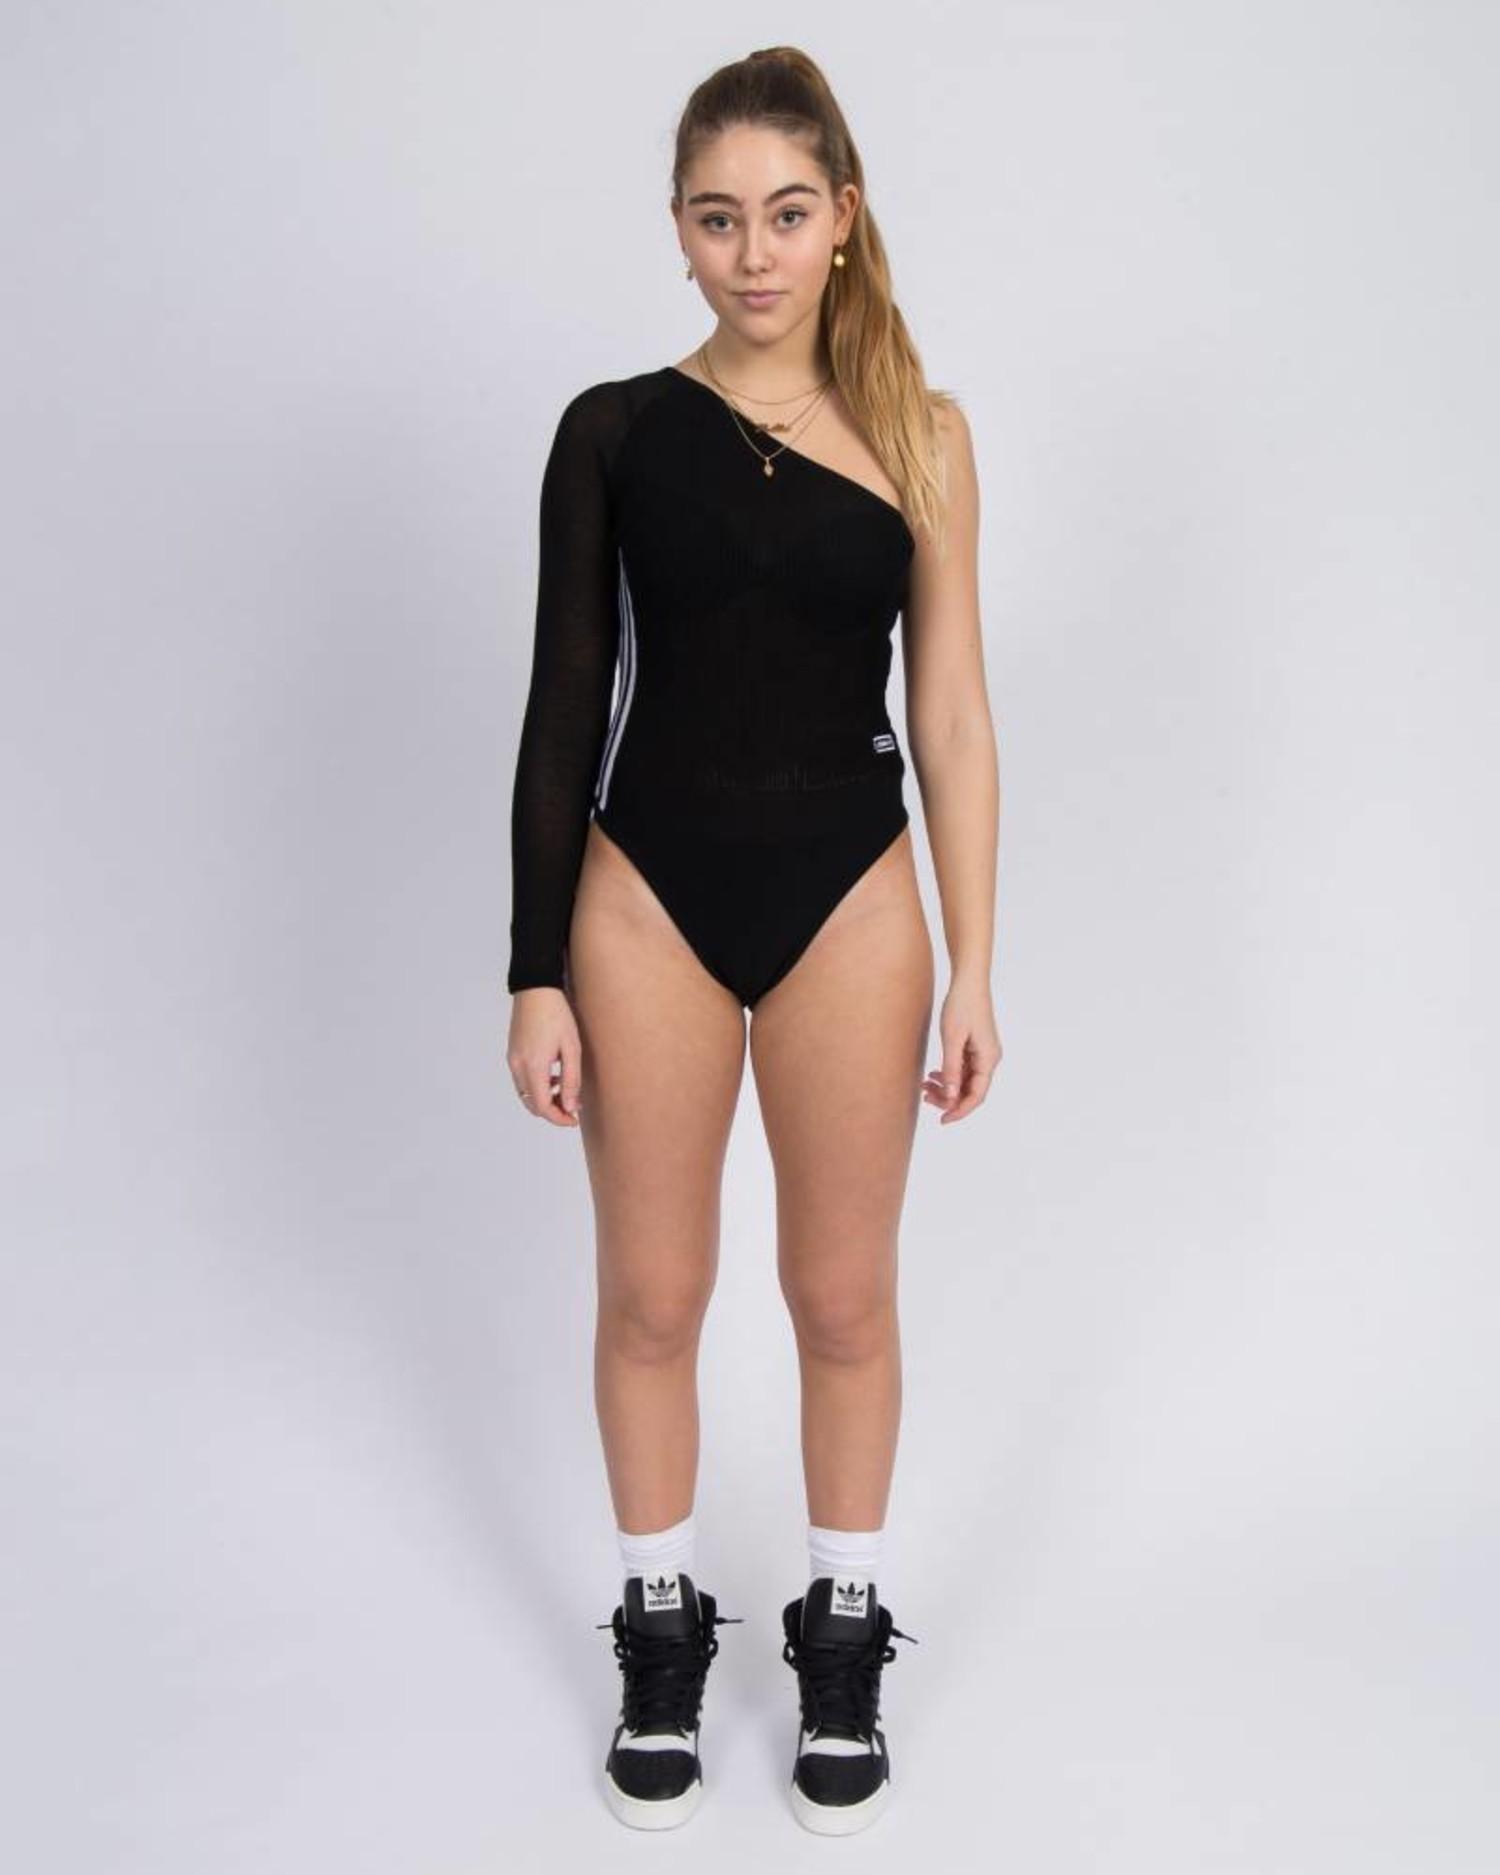 adidas Originals Womens Body One Piece Black